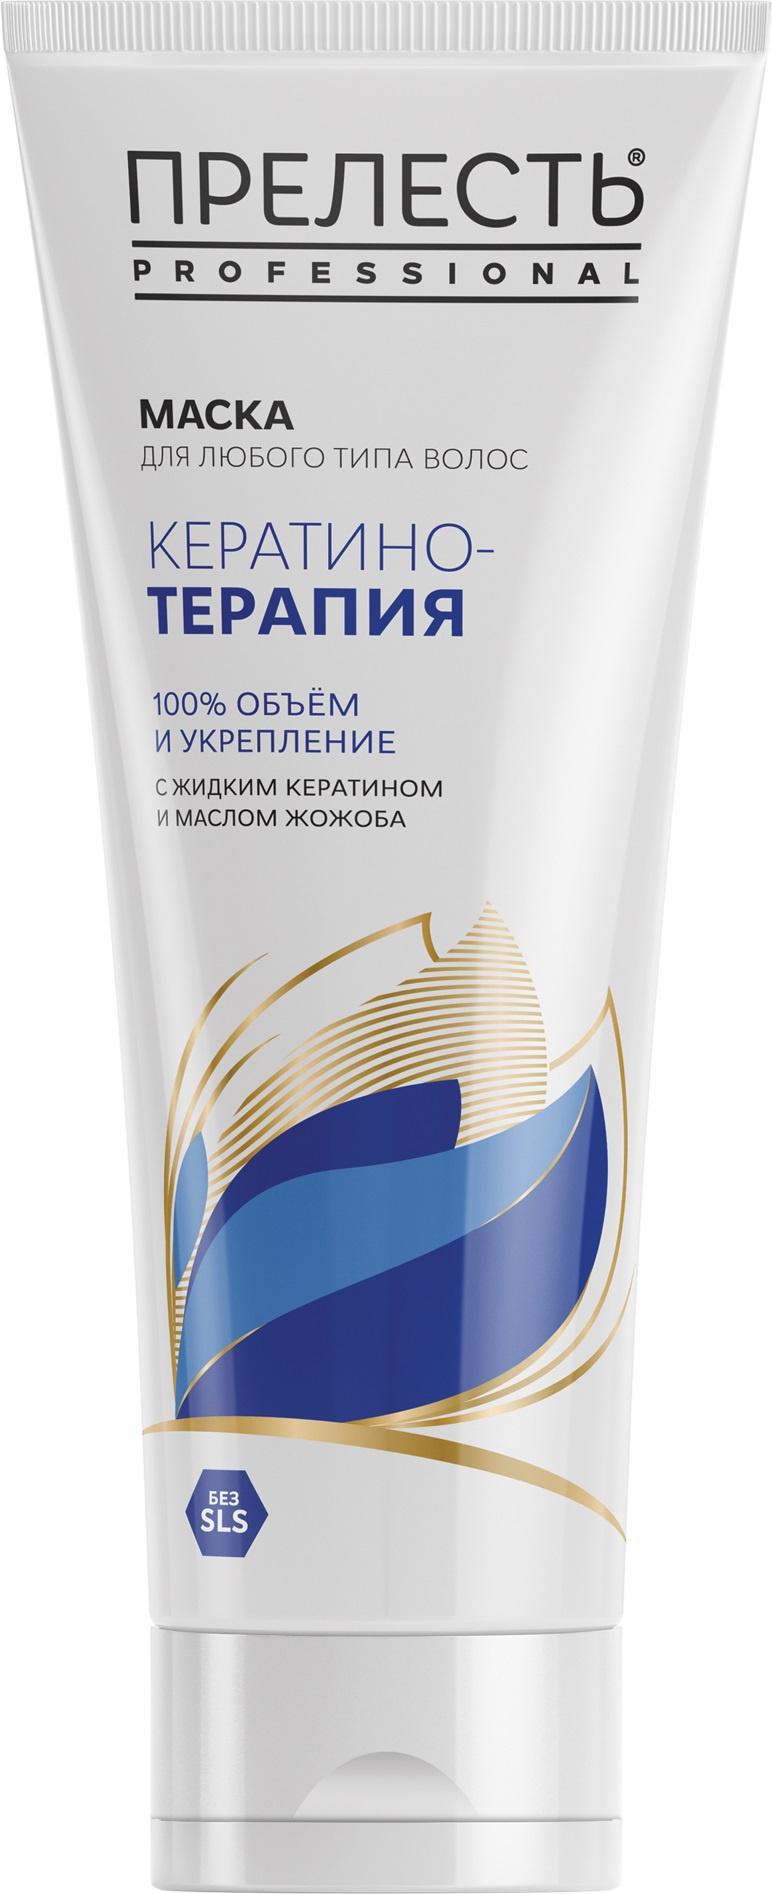 Maska-dlya-volos-Prelestq-Professional-Keratinoterapiya-Expert-Collection-S-zhidkim-keratinom-i-maslom-zhozhoba-Vosstanovlenie-i-razlazhivanie-po-vsej